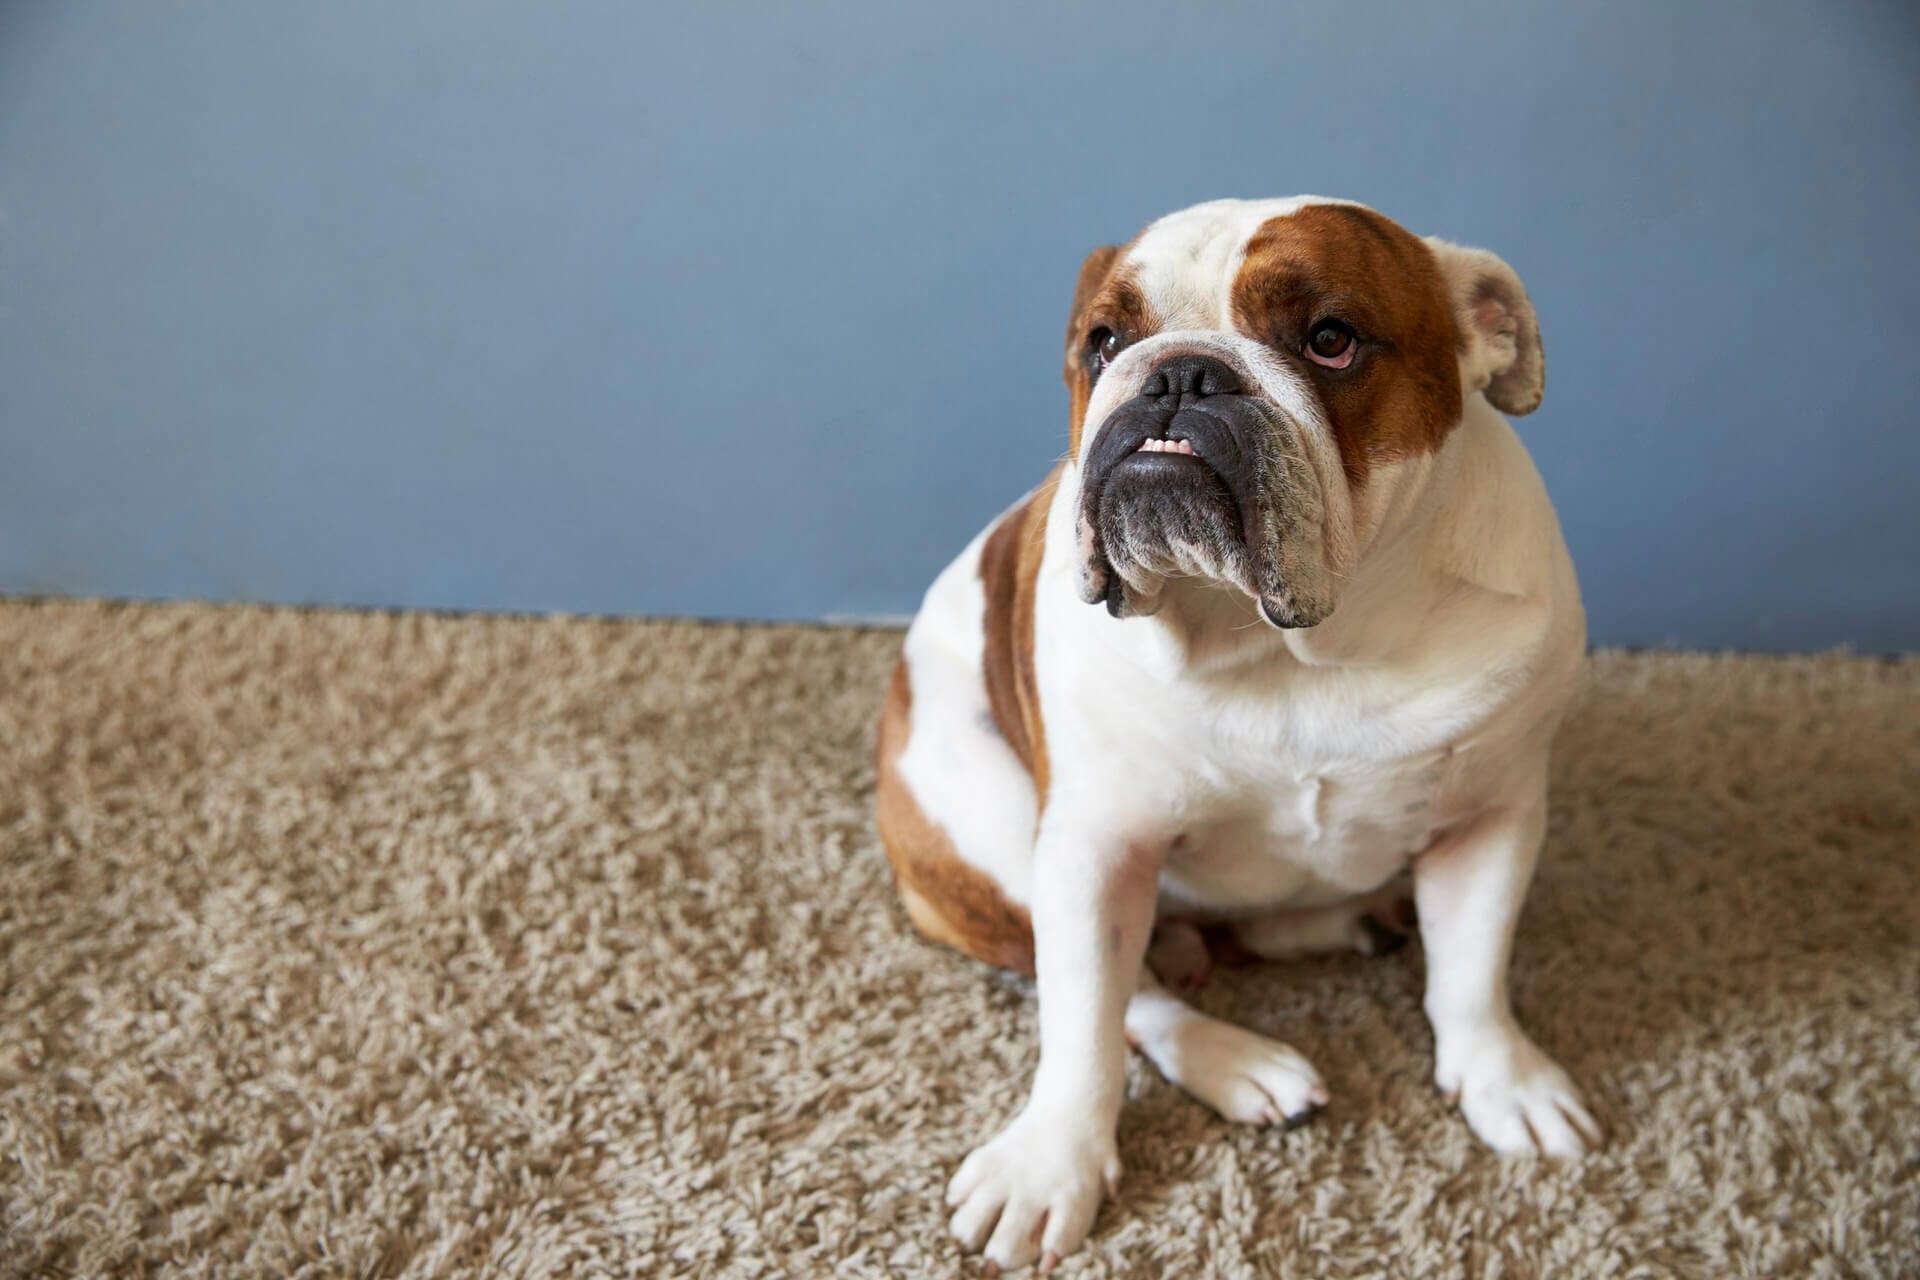 brittish bulldog sitting on carpet